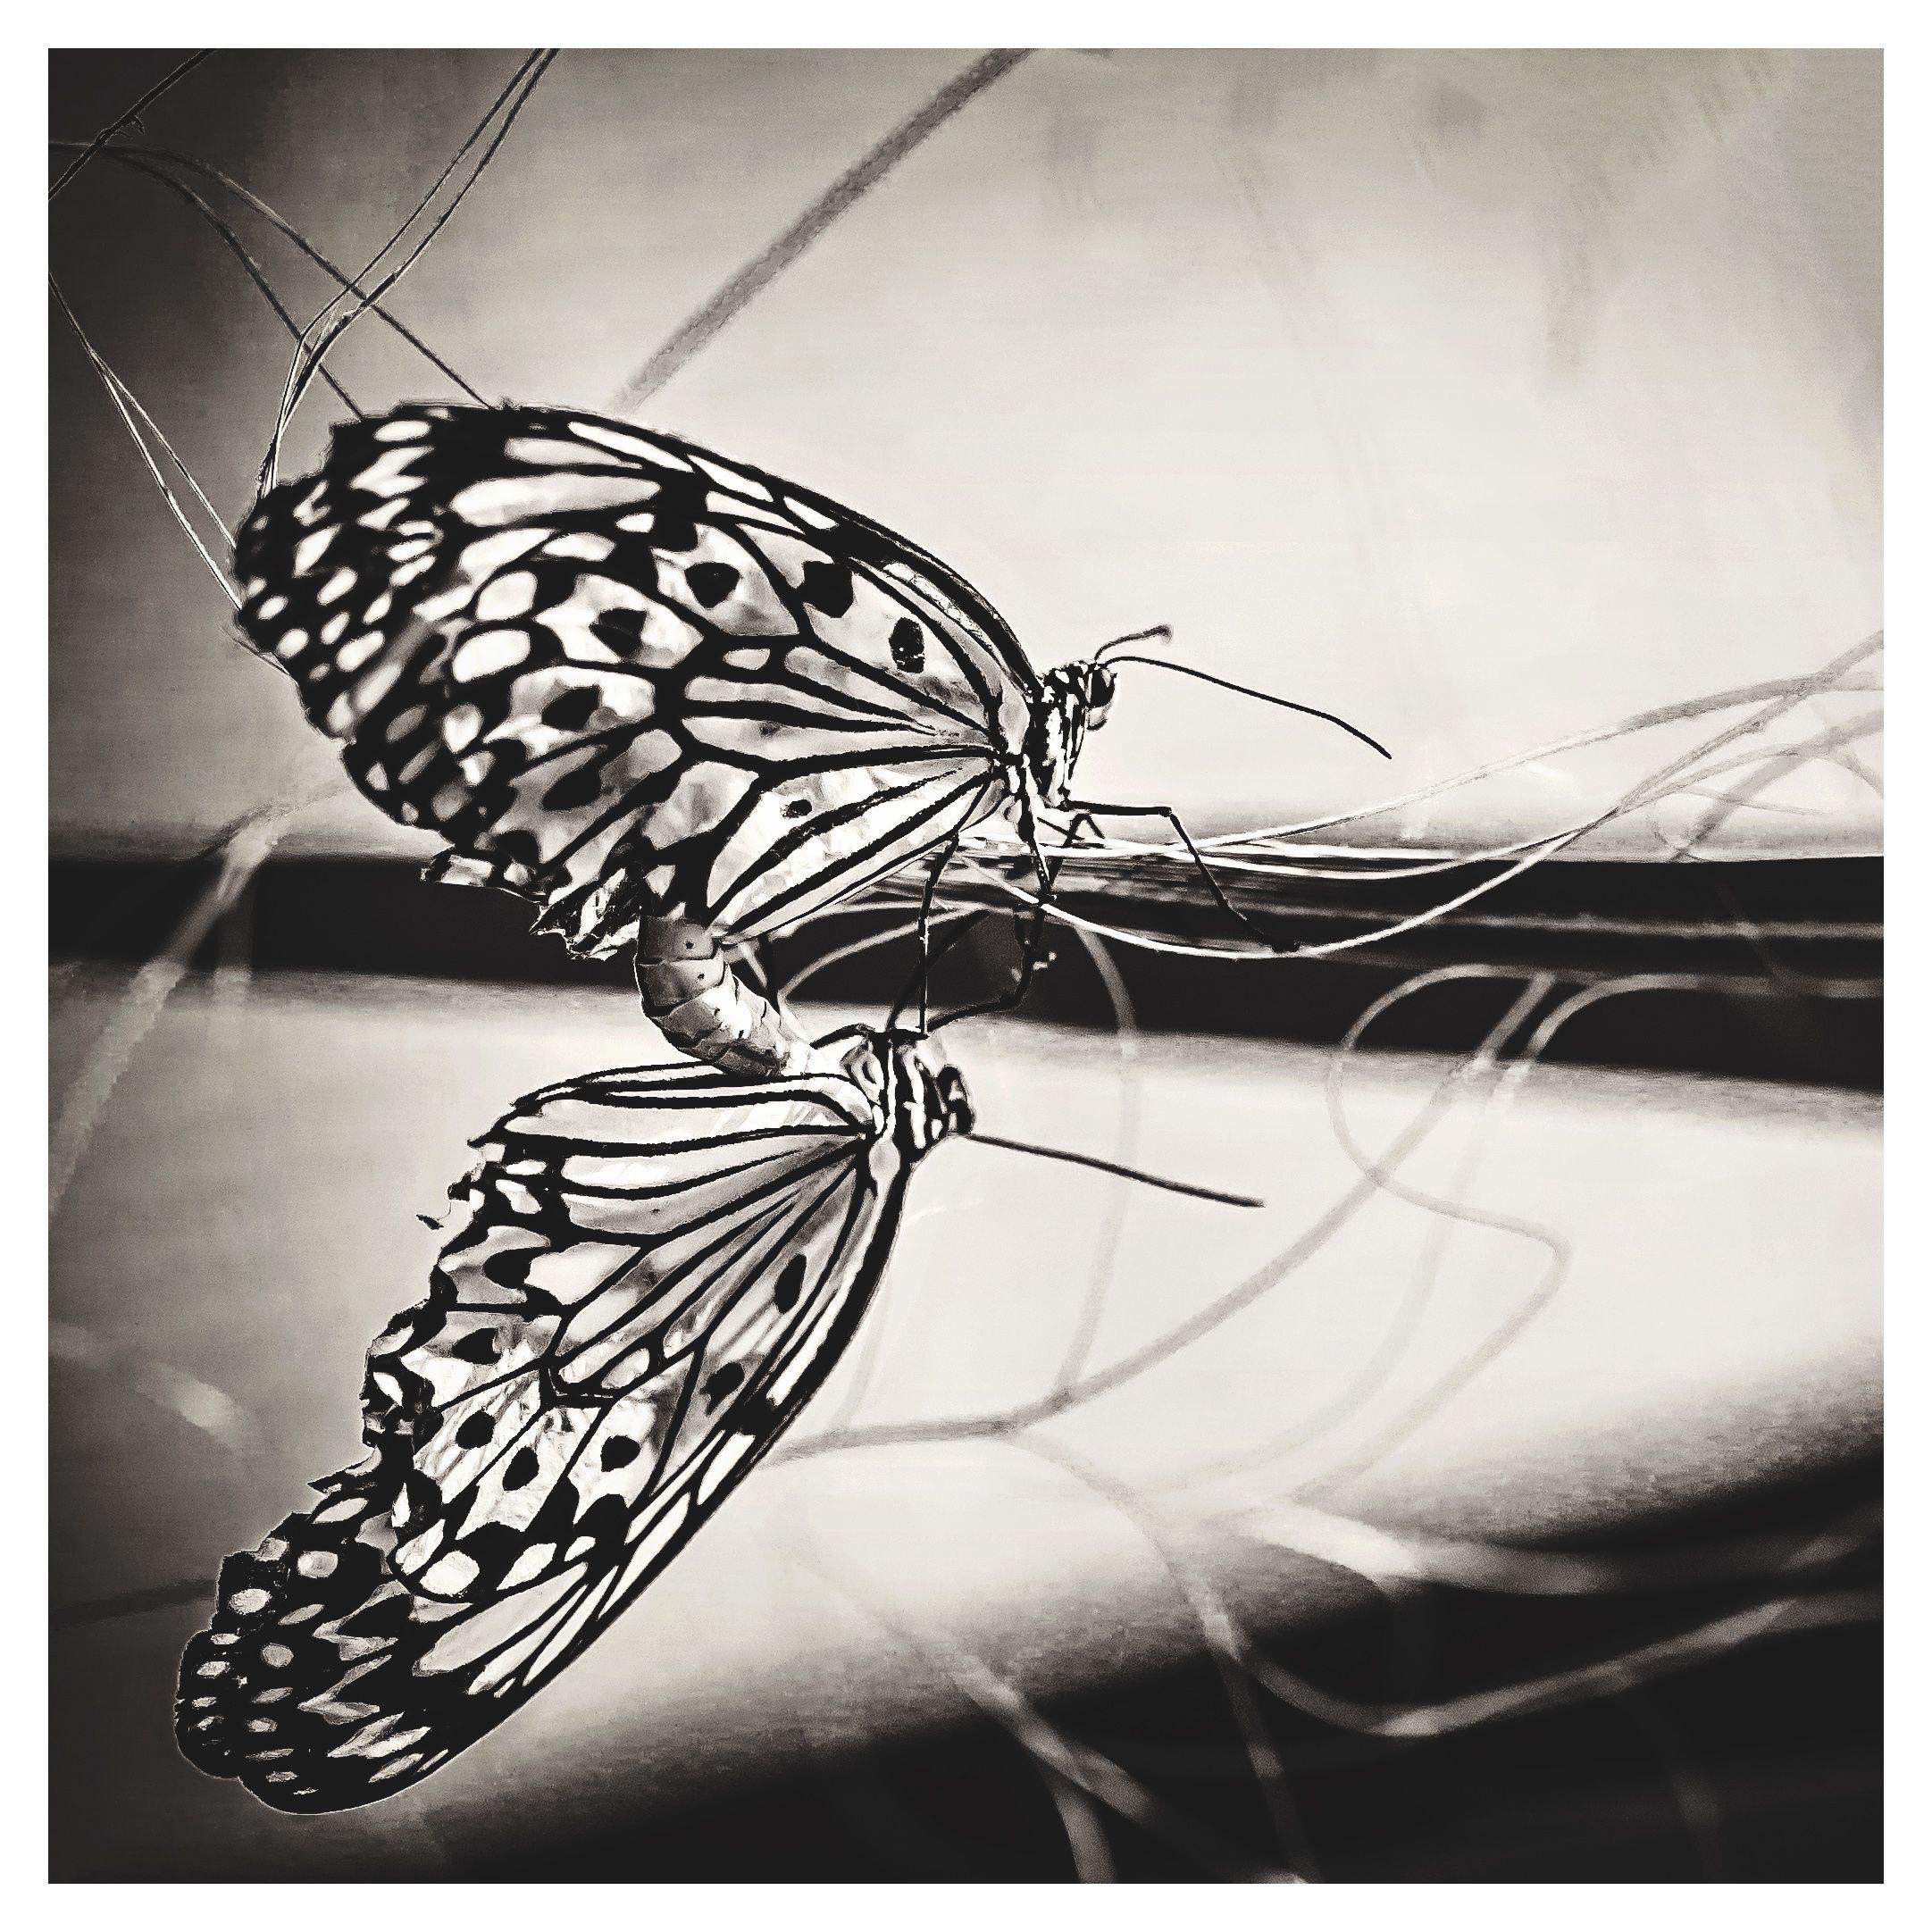 Butterflies b&w photography